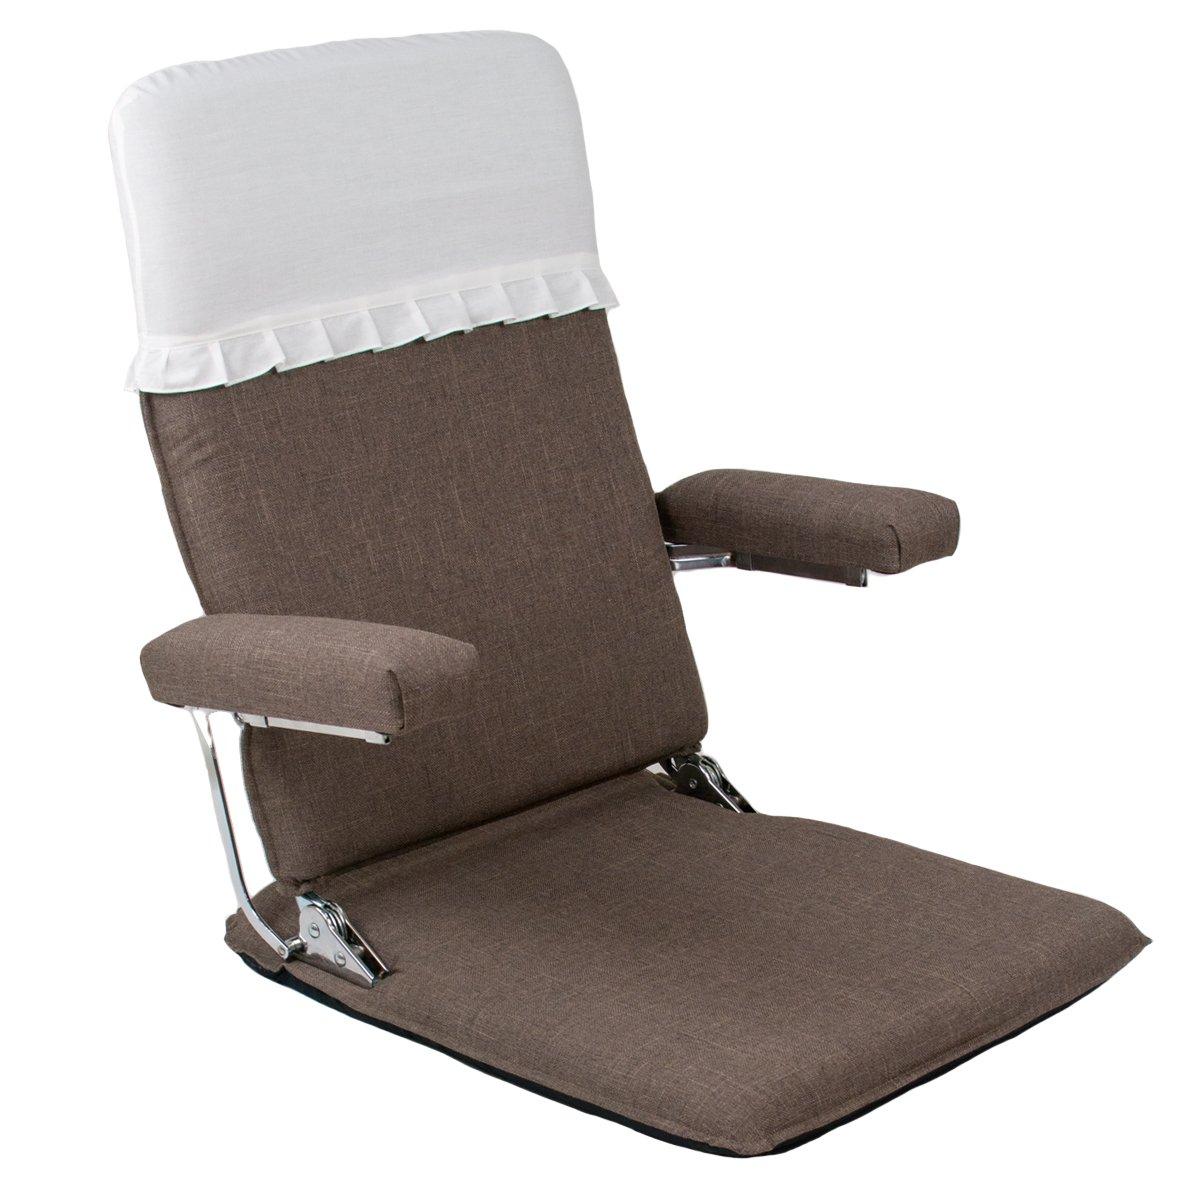 お座敷座椅子肘掛付ハイバック (カバー付) CBC313 ブラウン 腰痛 日本製 リクライニング 姿勢 人気 肘掛け 和座椅子 B078J3VGPB Parent ブラウン